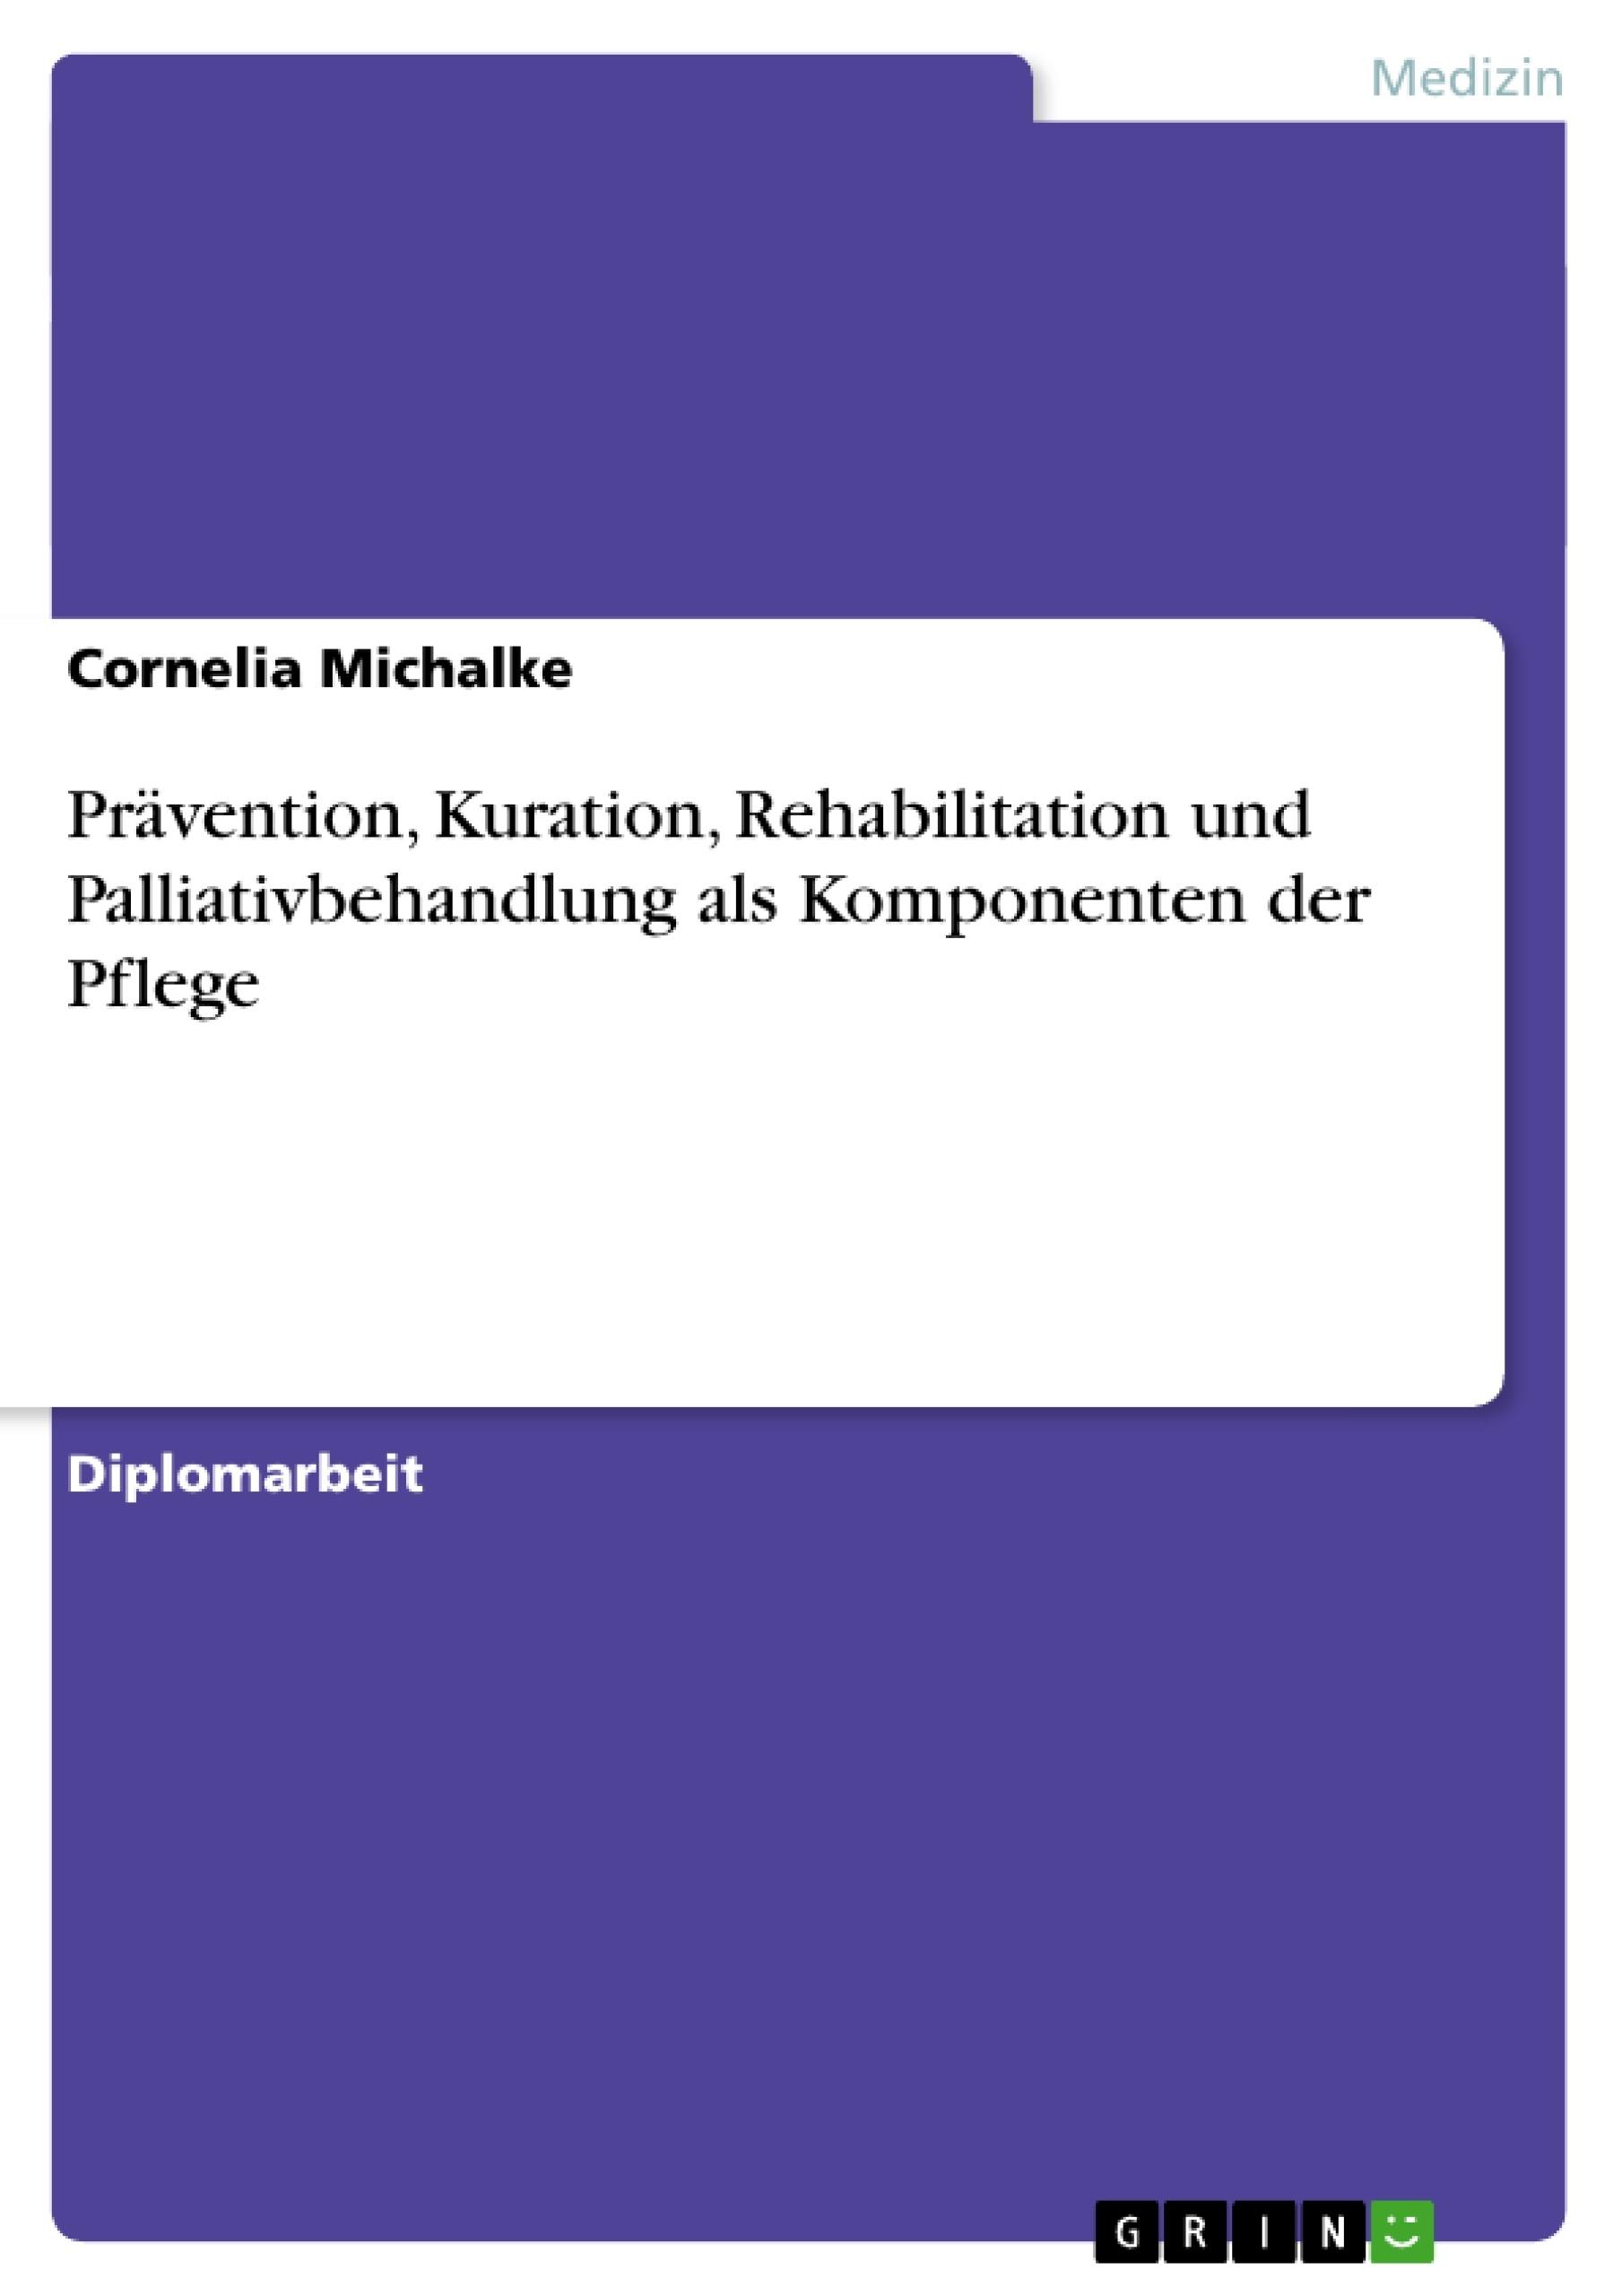 Titel: Prävention, Kuration, Rehabilitation und Palliativbehandlung als Komponenten der Pflege